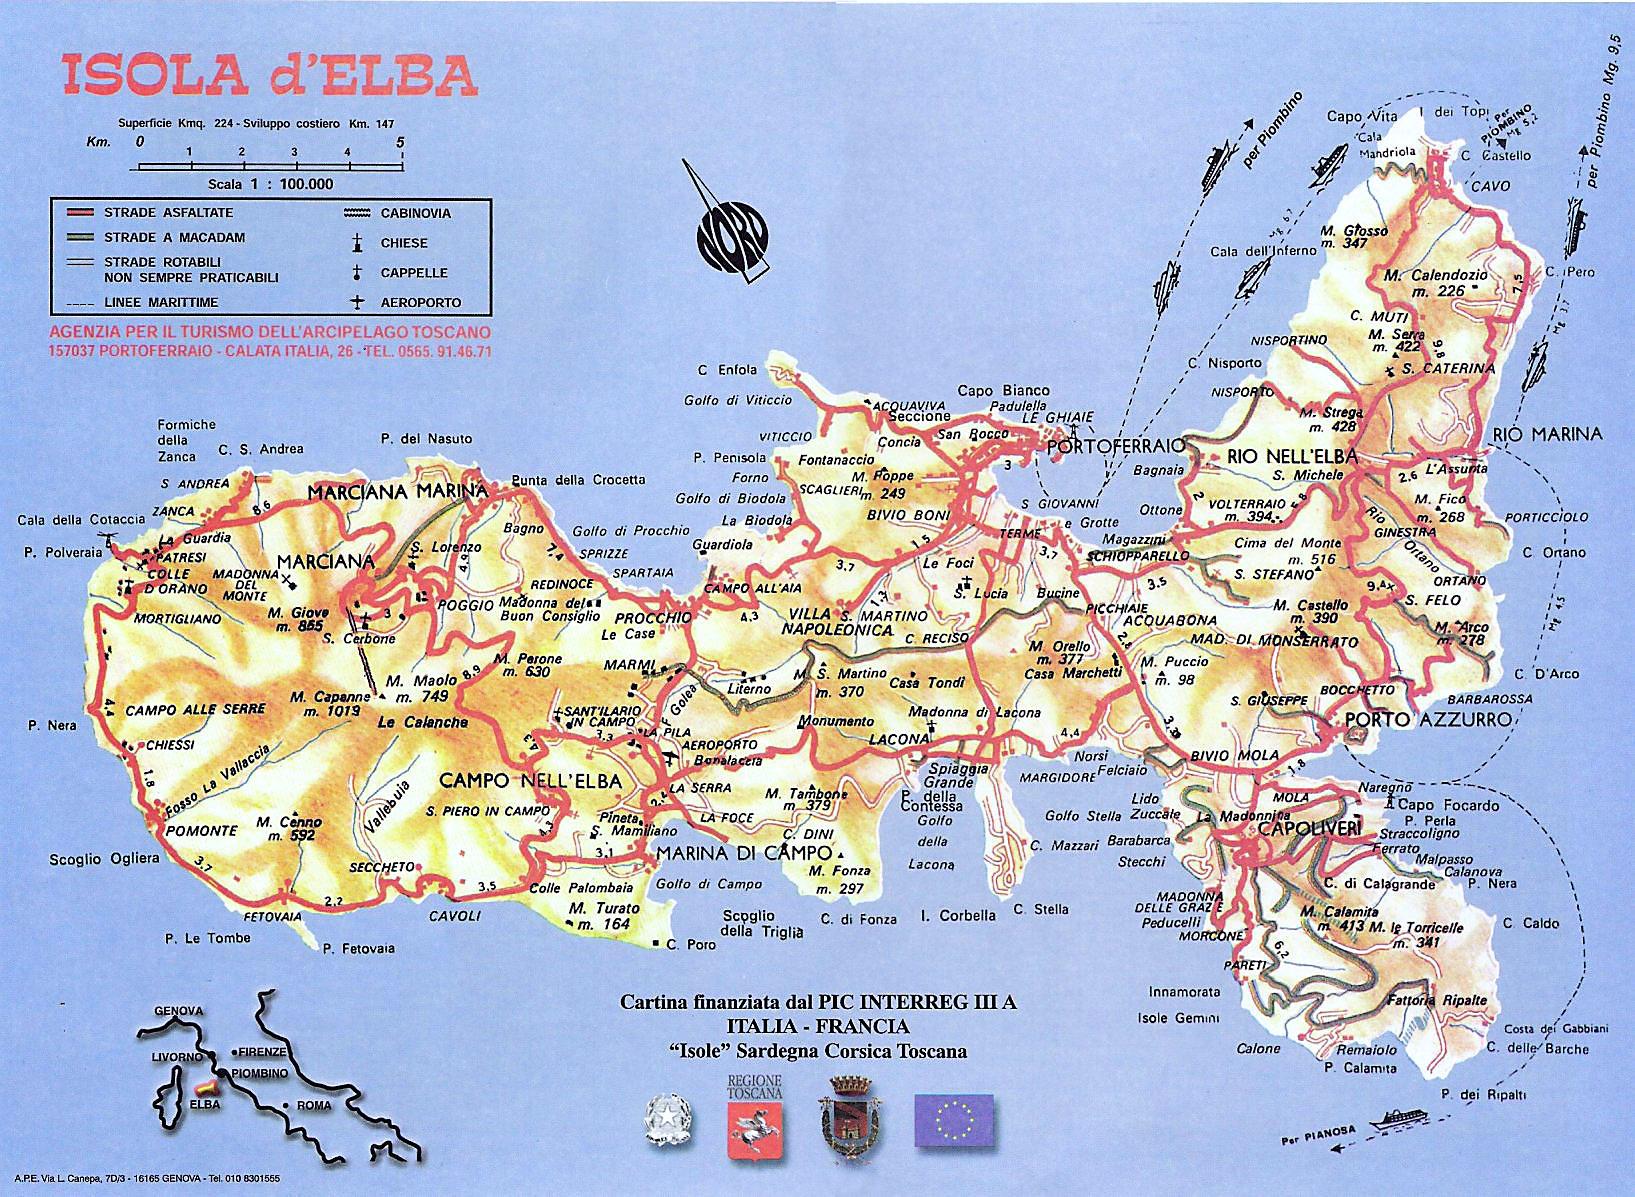 Cartina Elba.Cartina Morfologica E Stradale Dell Isola D Elba Elba Explorer